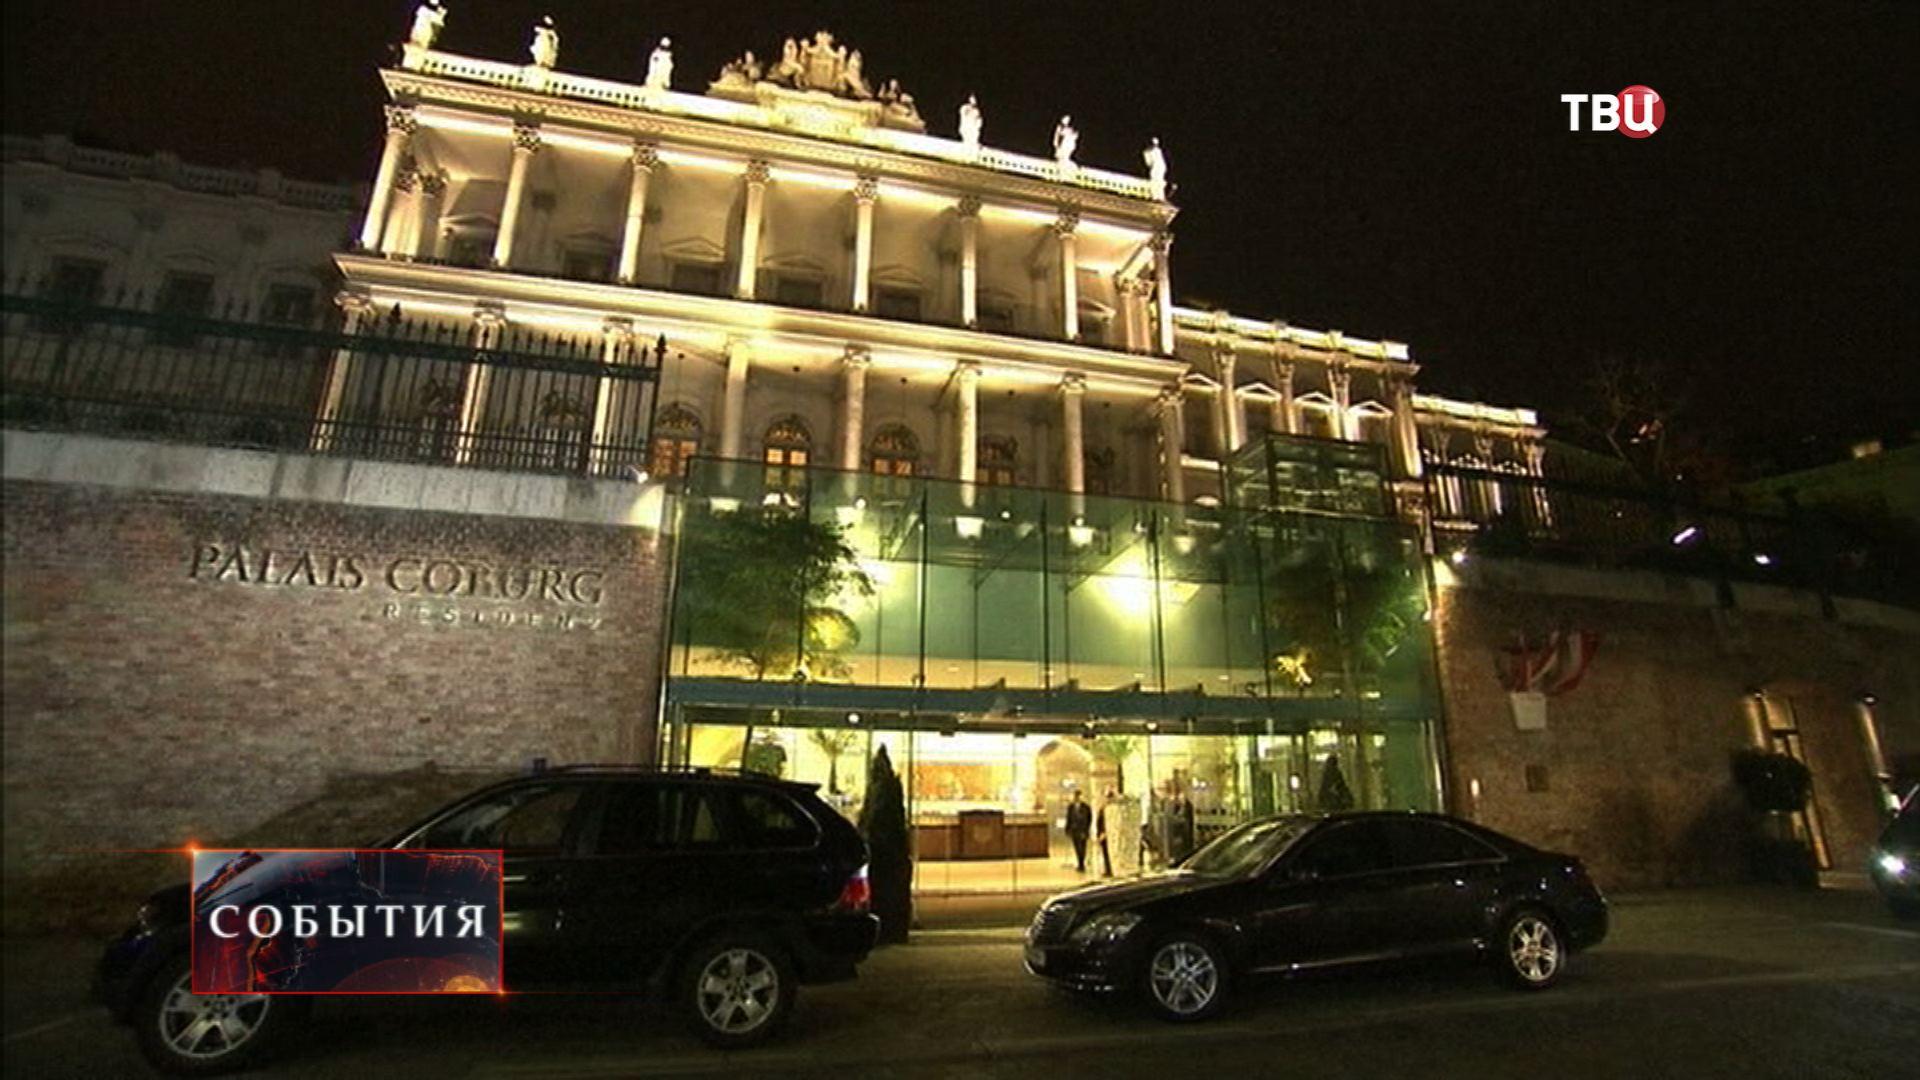 Здание Palais Coburg